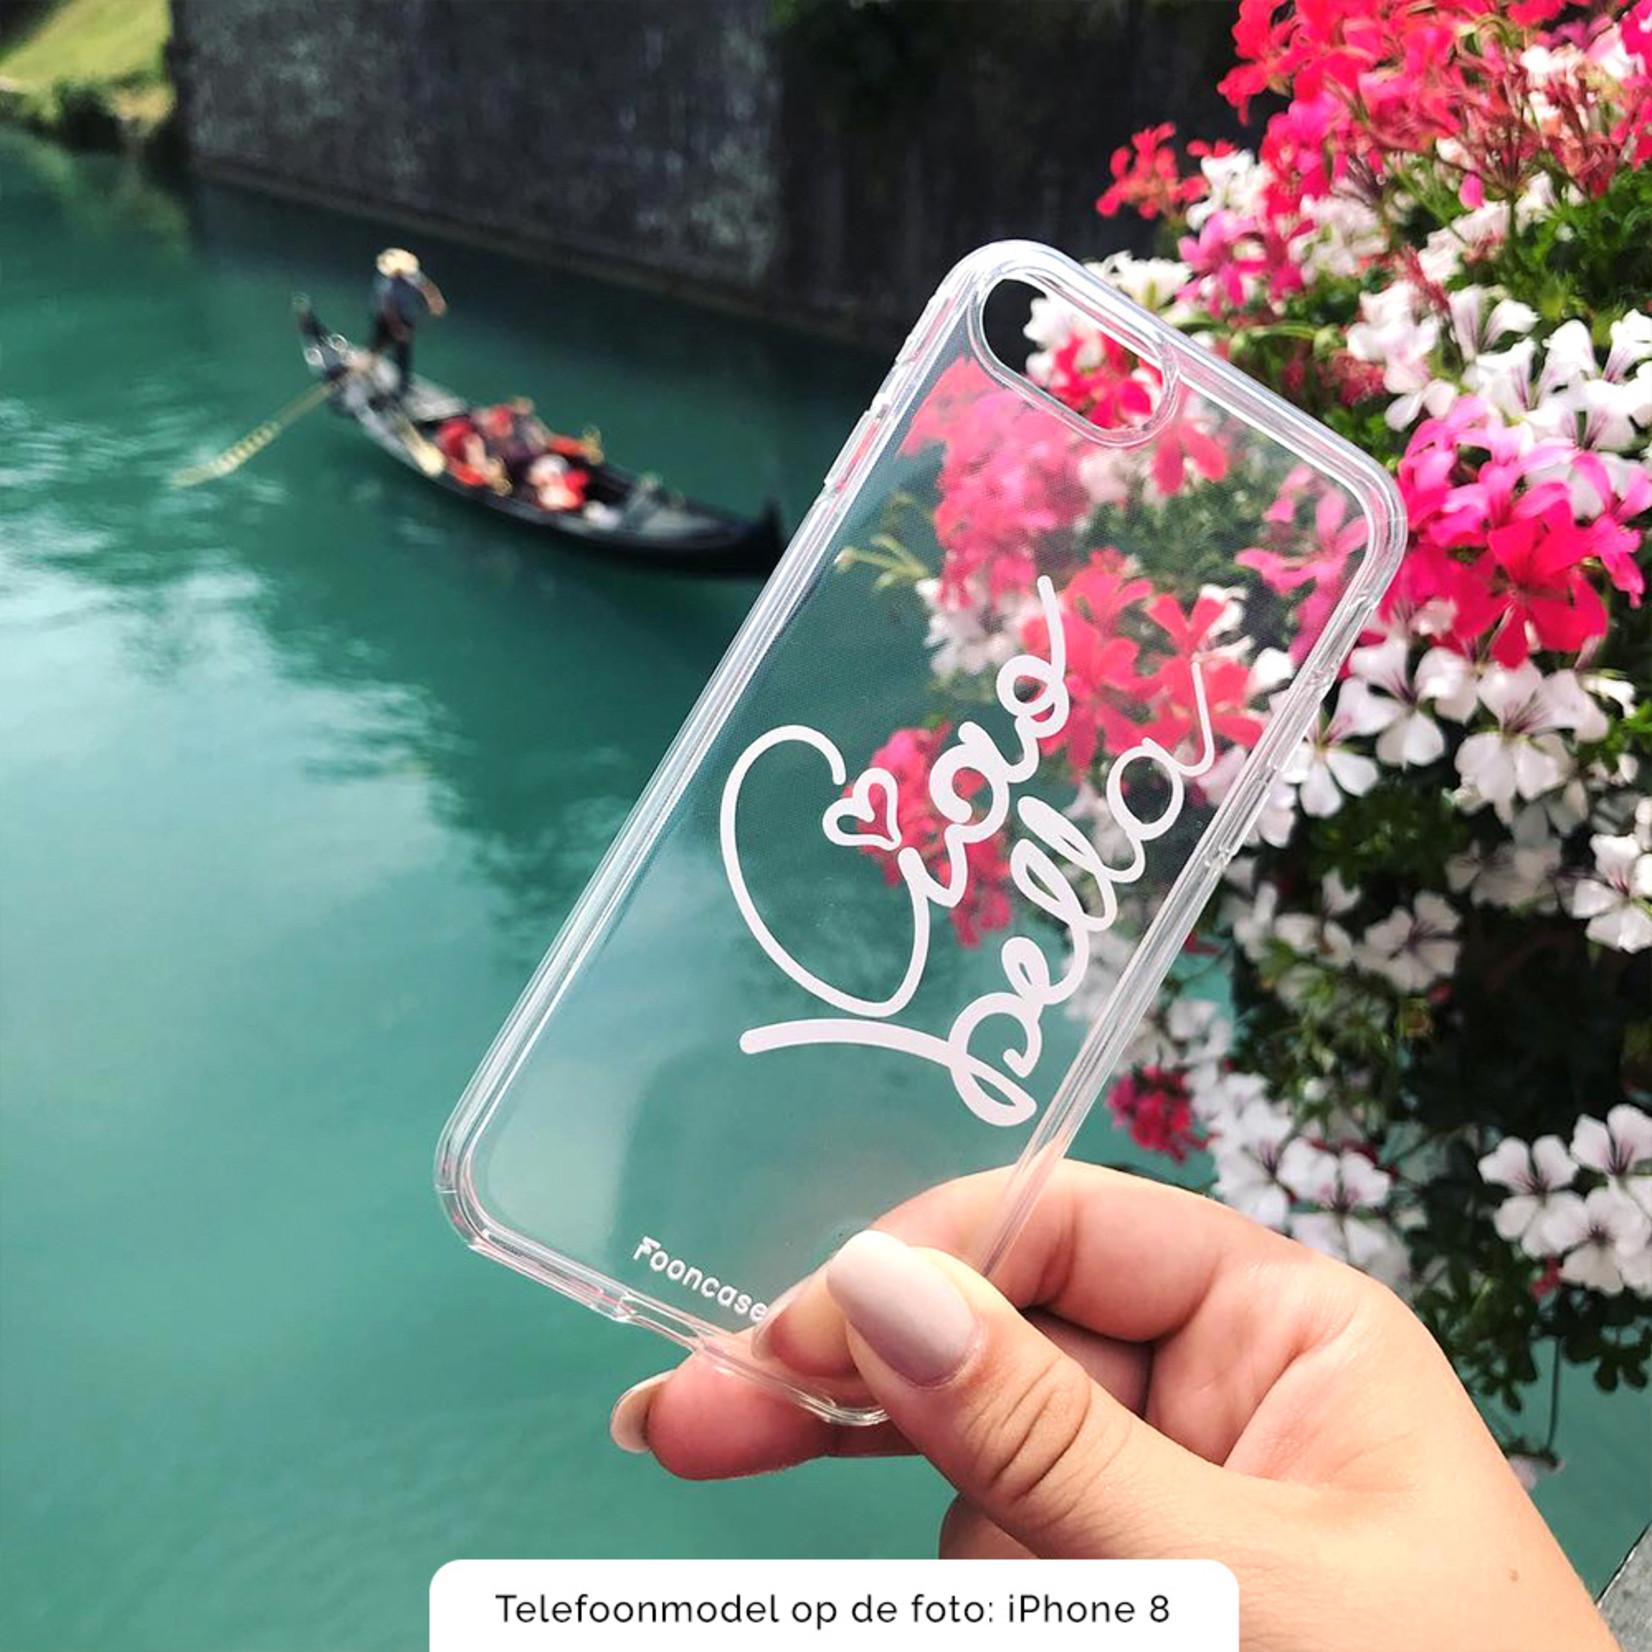 FOONCASE Samsung Galaxy S8 Plus Handyhülle - Ciao Bella!